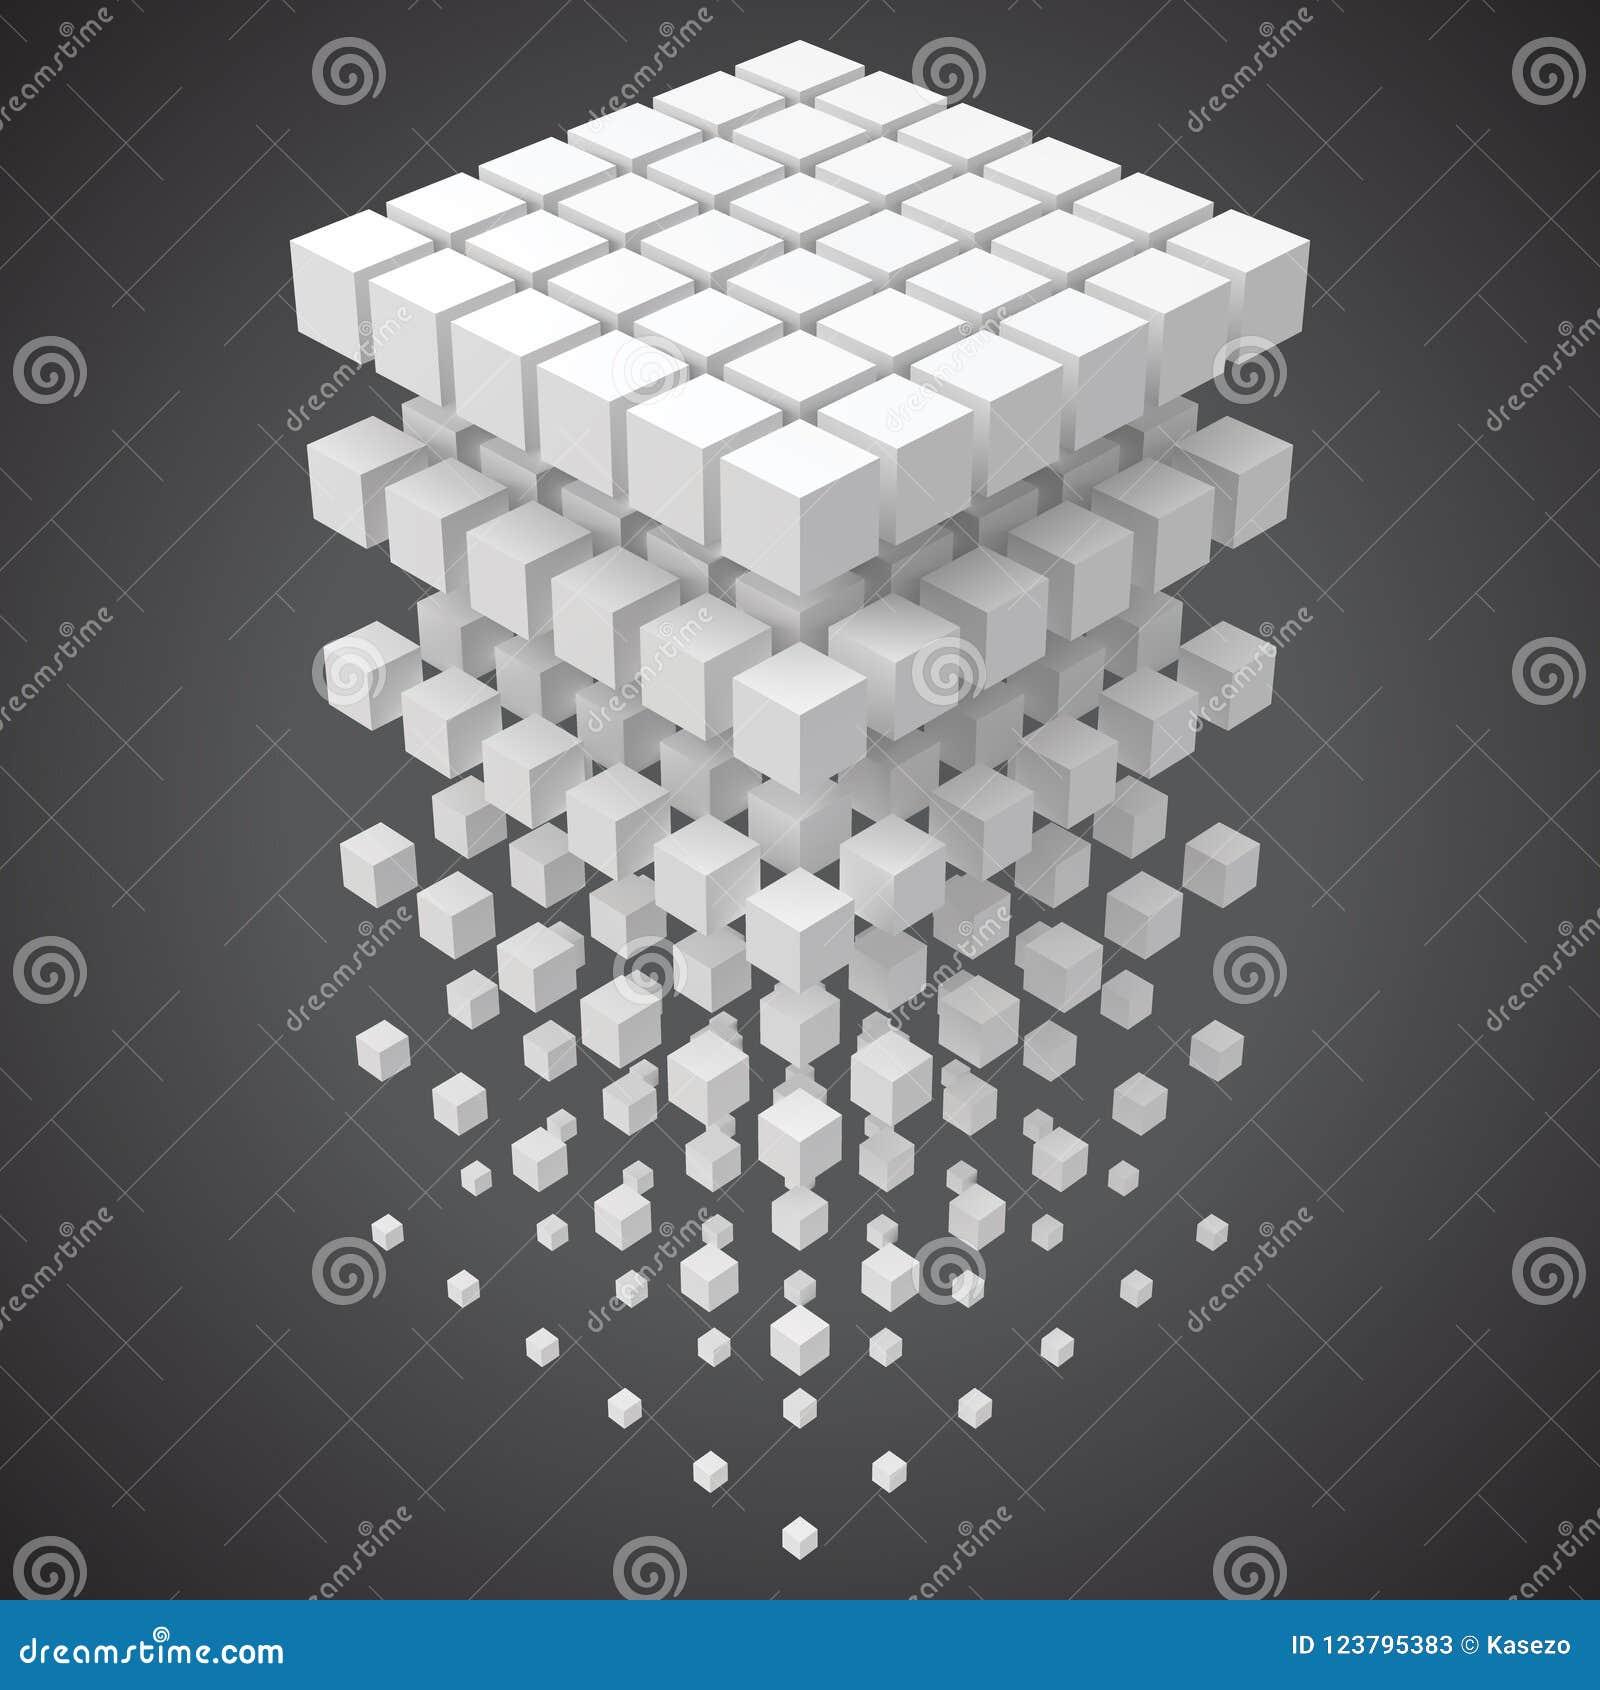 形成一个大立方体的小立方体 blockchain和大数据cncept 3d样式传染媒介例证